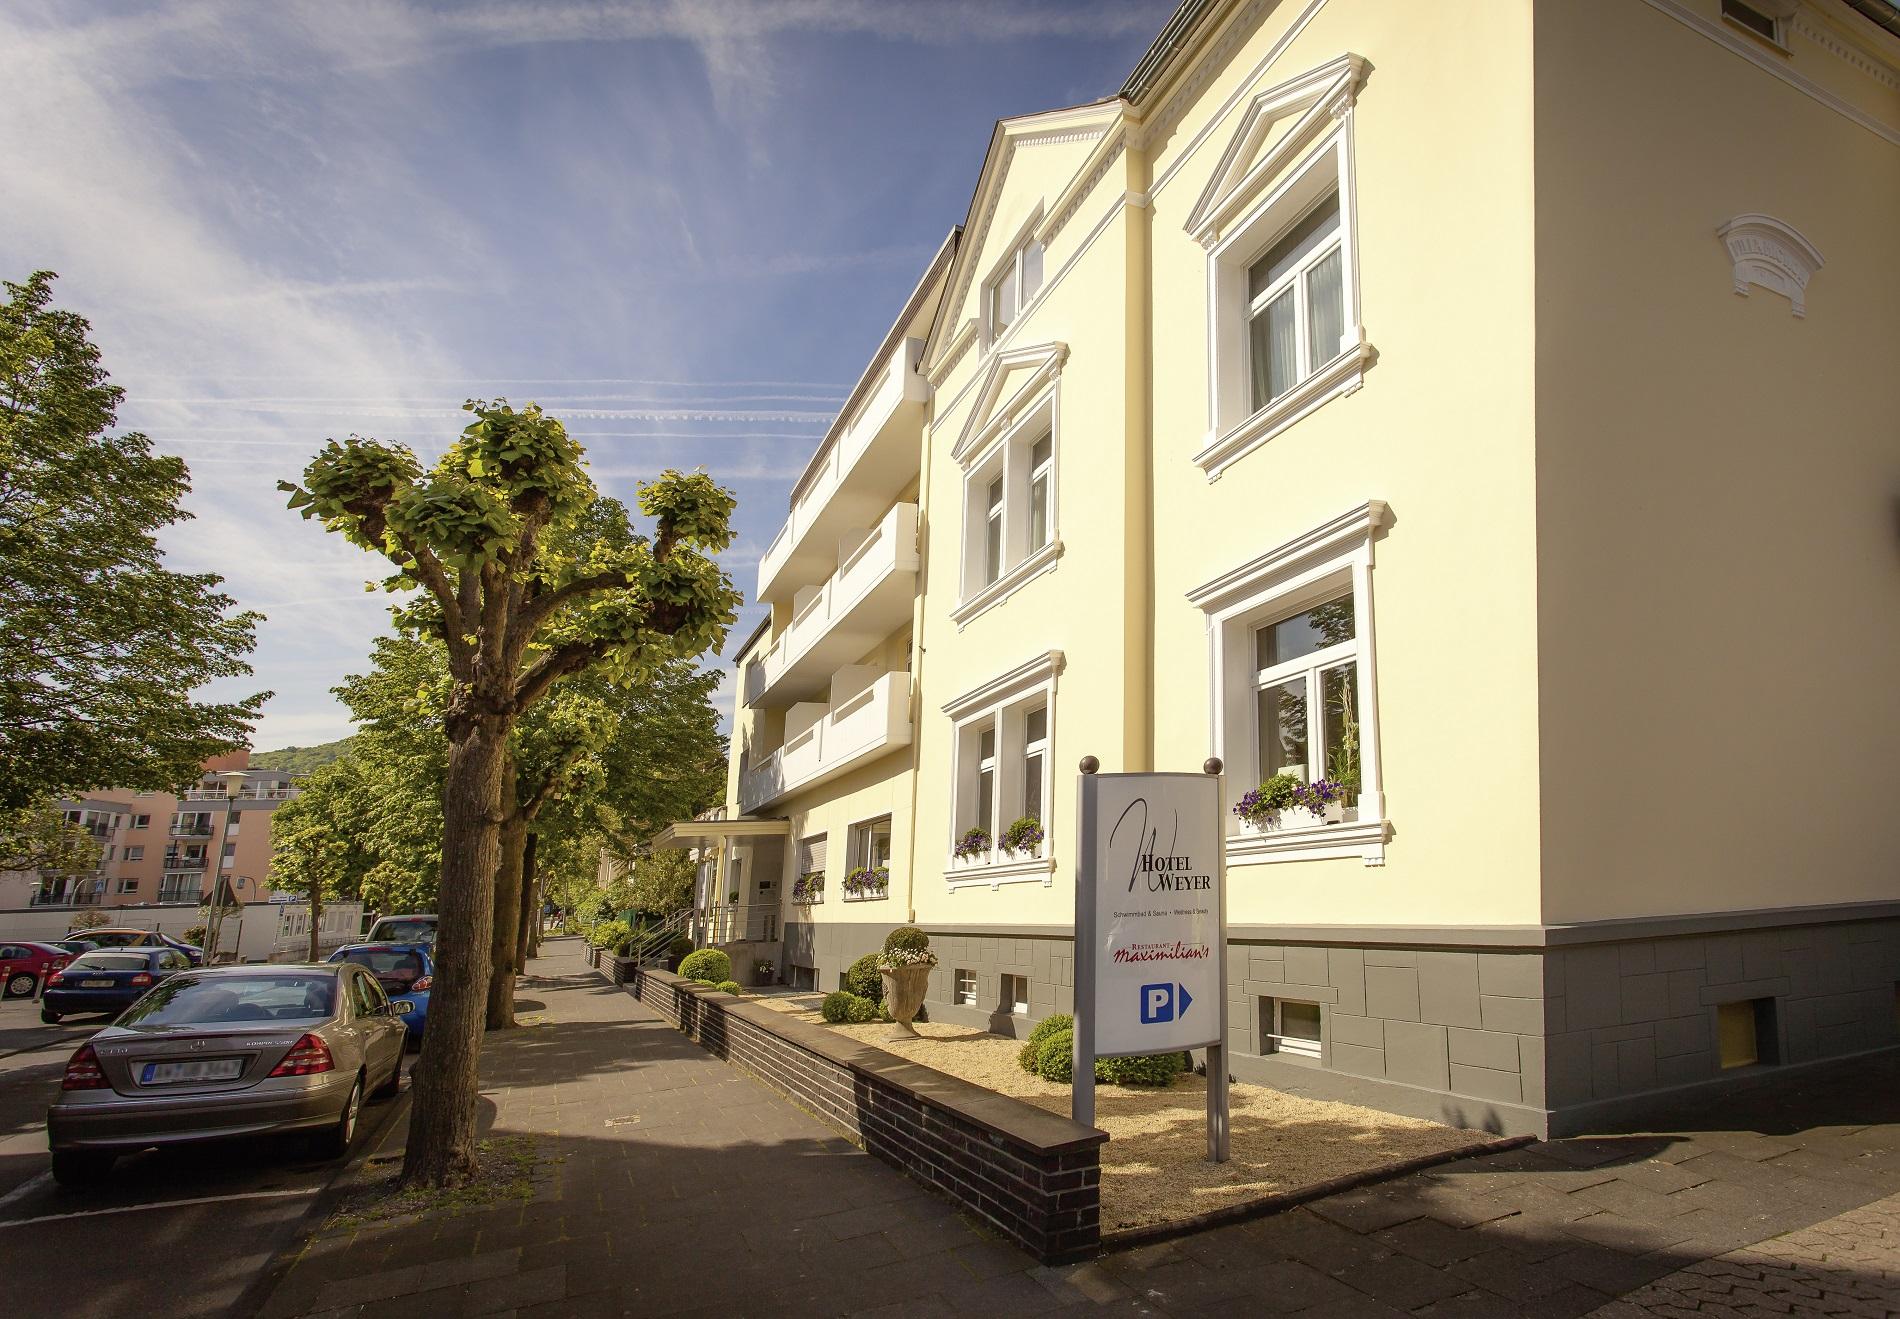 hotel weyer hotels in bad neuenahr ahrweiler. Black Bedroom Furniture Sets. Home Design Ideas